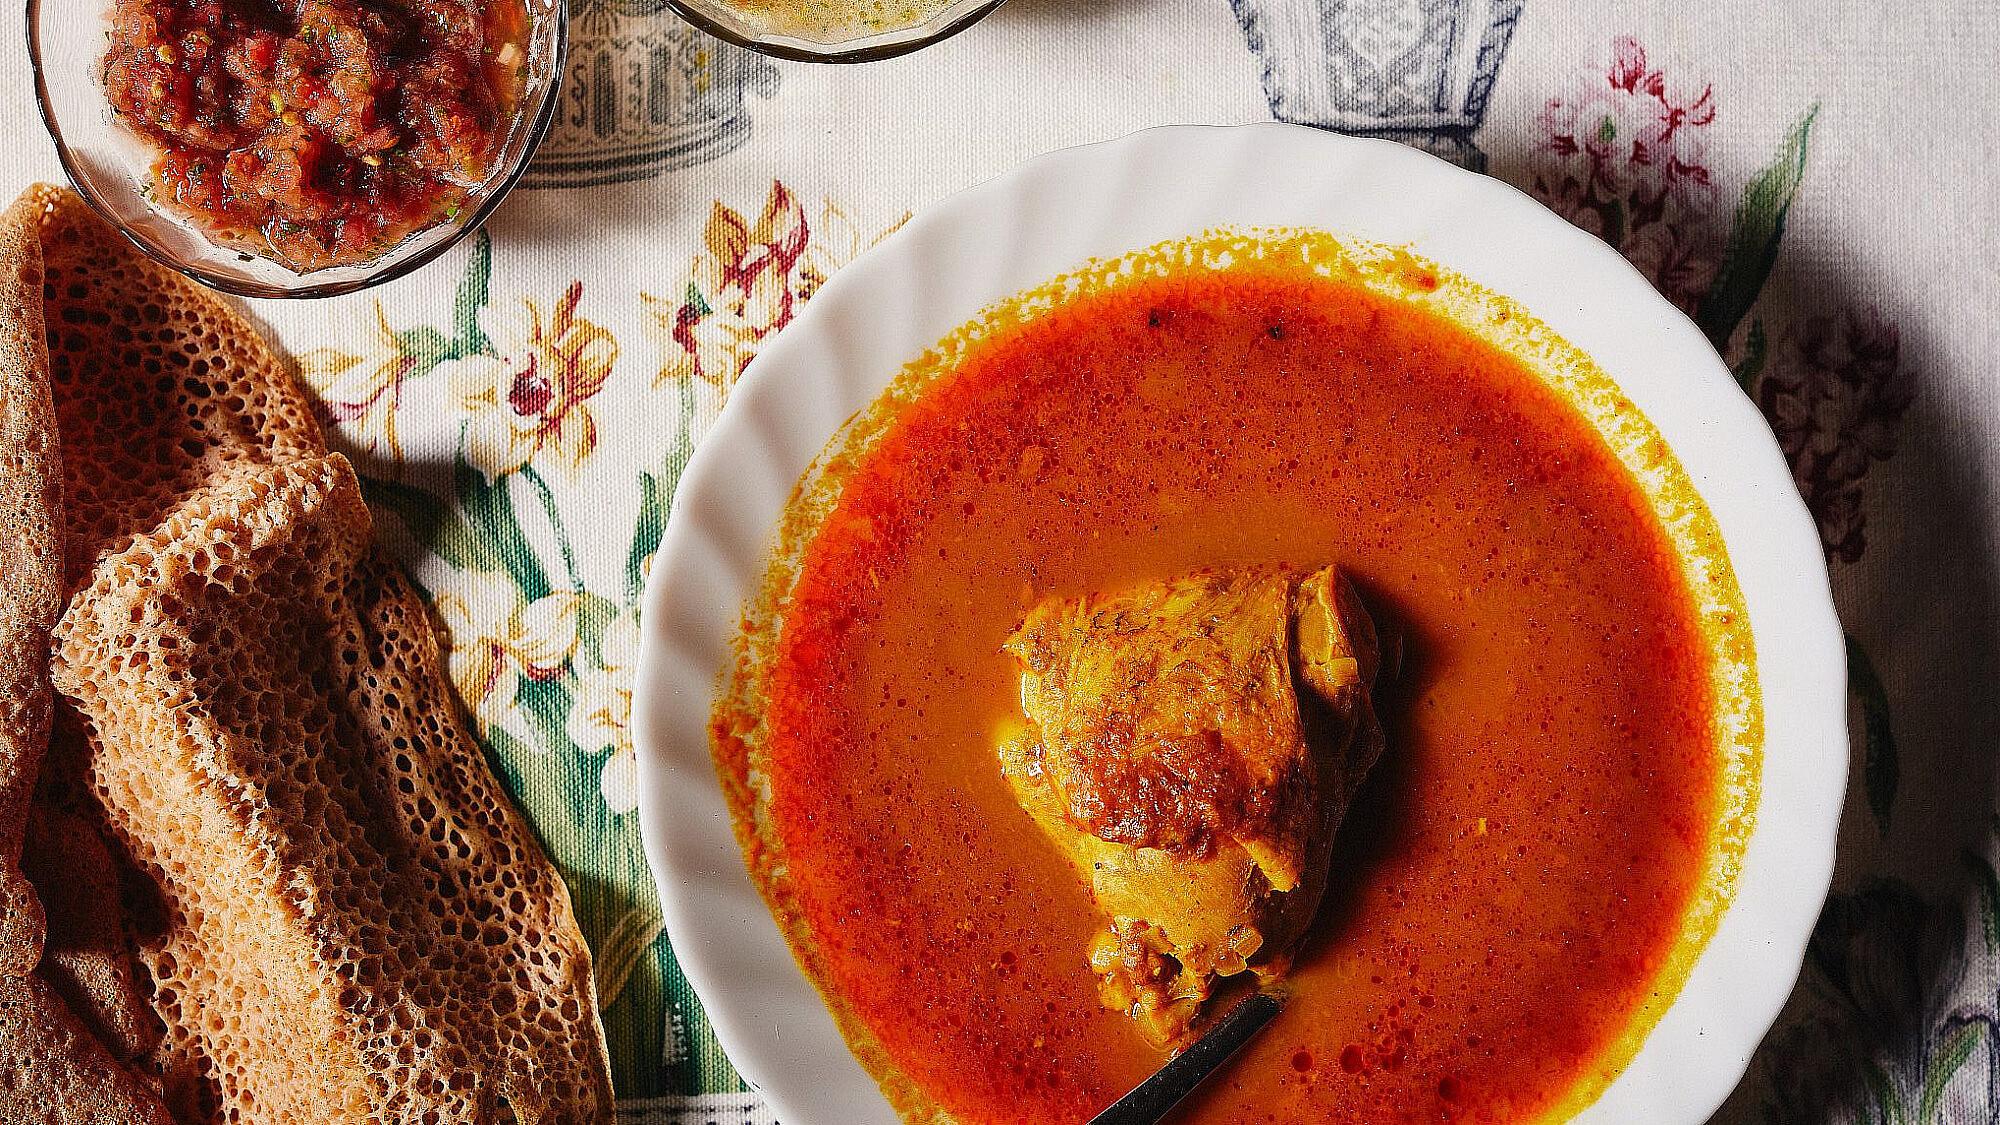 מרק עוף אדום של מזל מדהלה. צילום: מתן כץ.